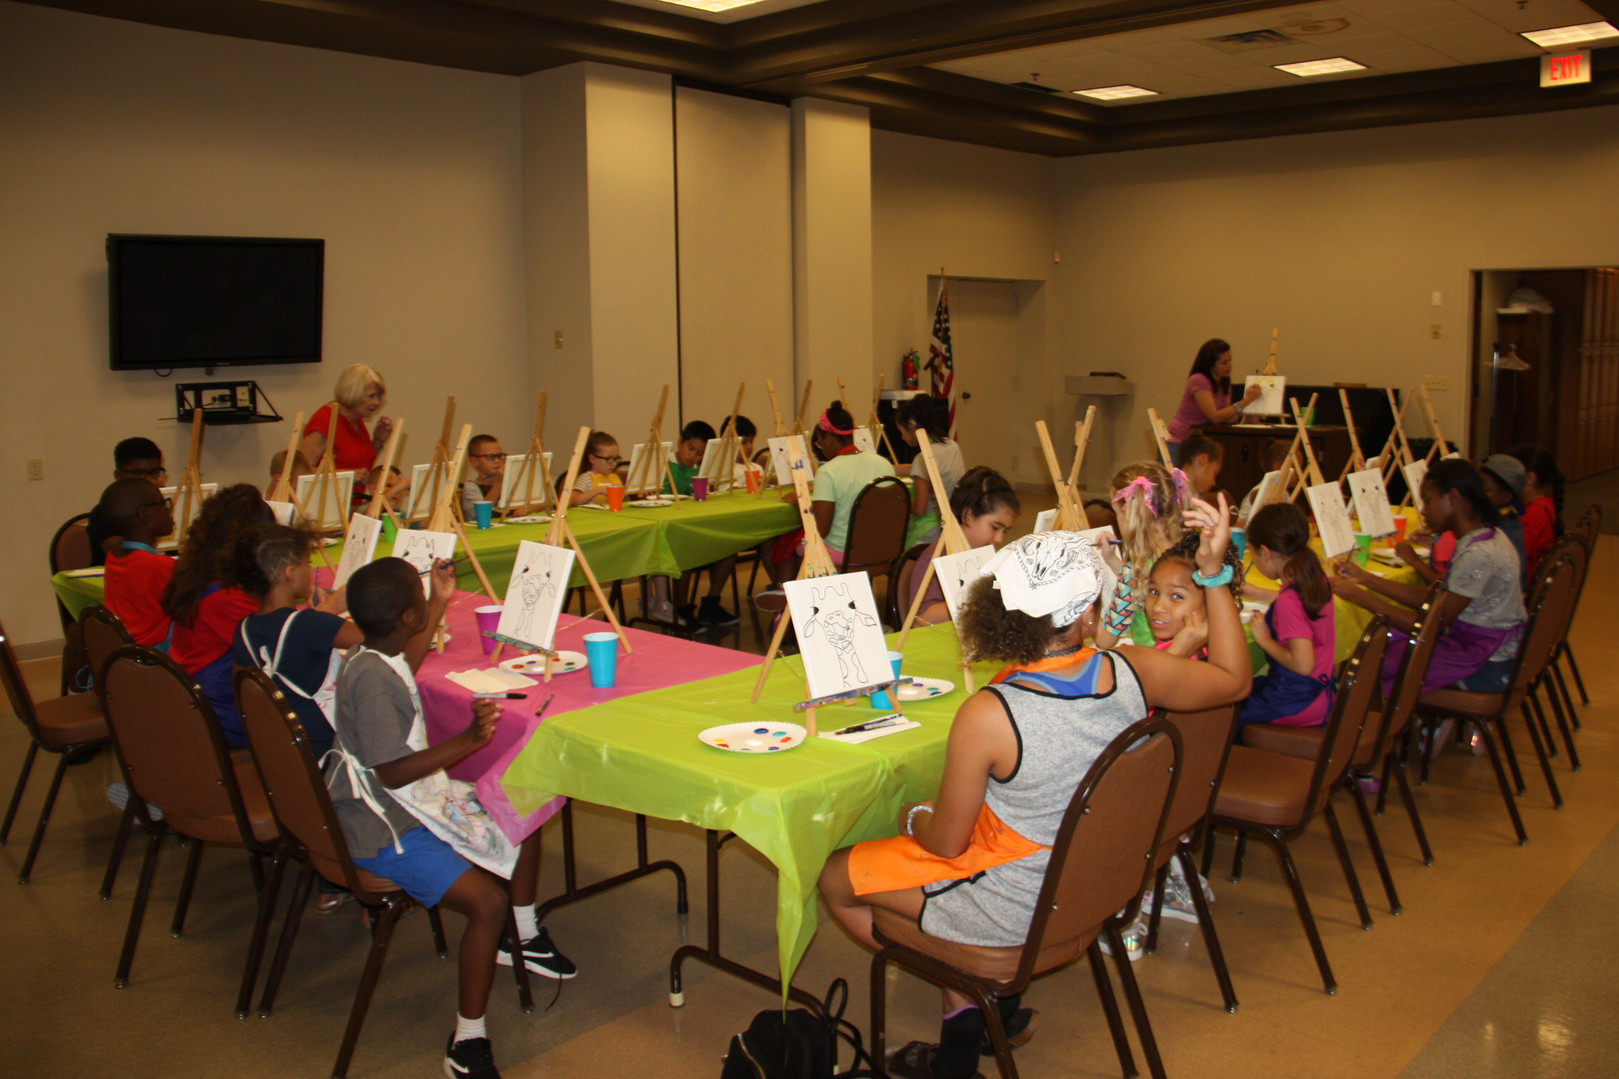 A.C.T.S. 4 Kids Full House!